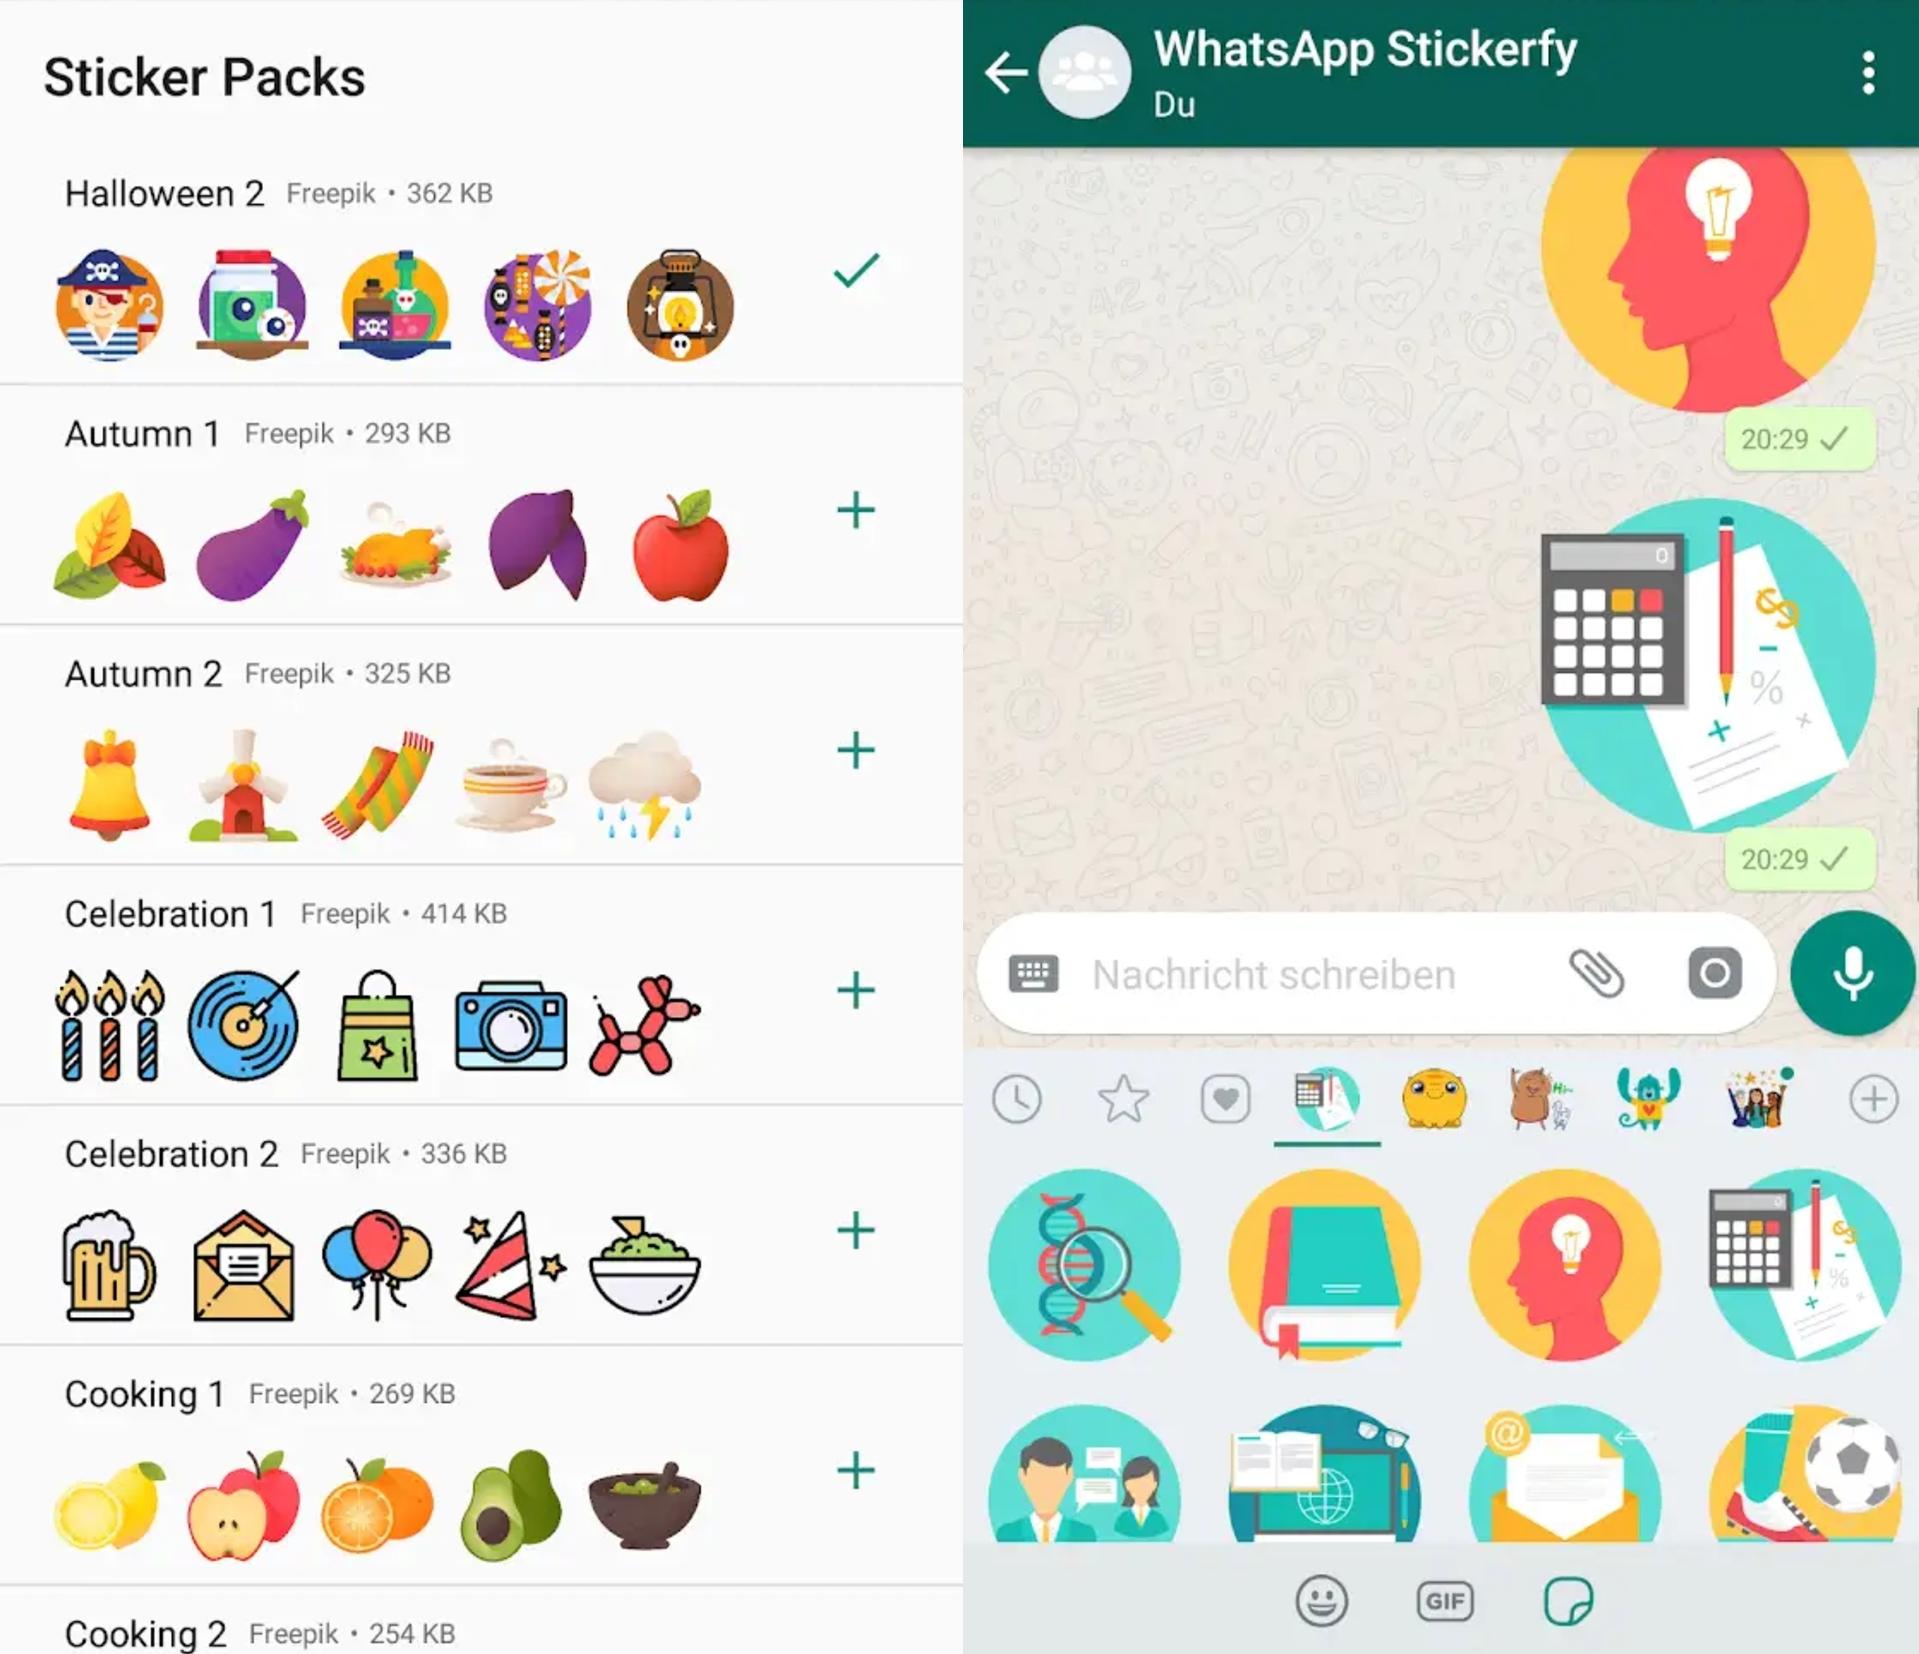 WhatsApp-Stickerfy